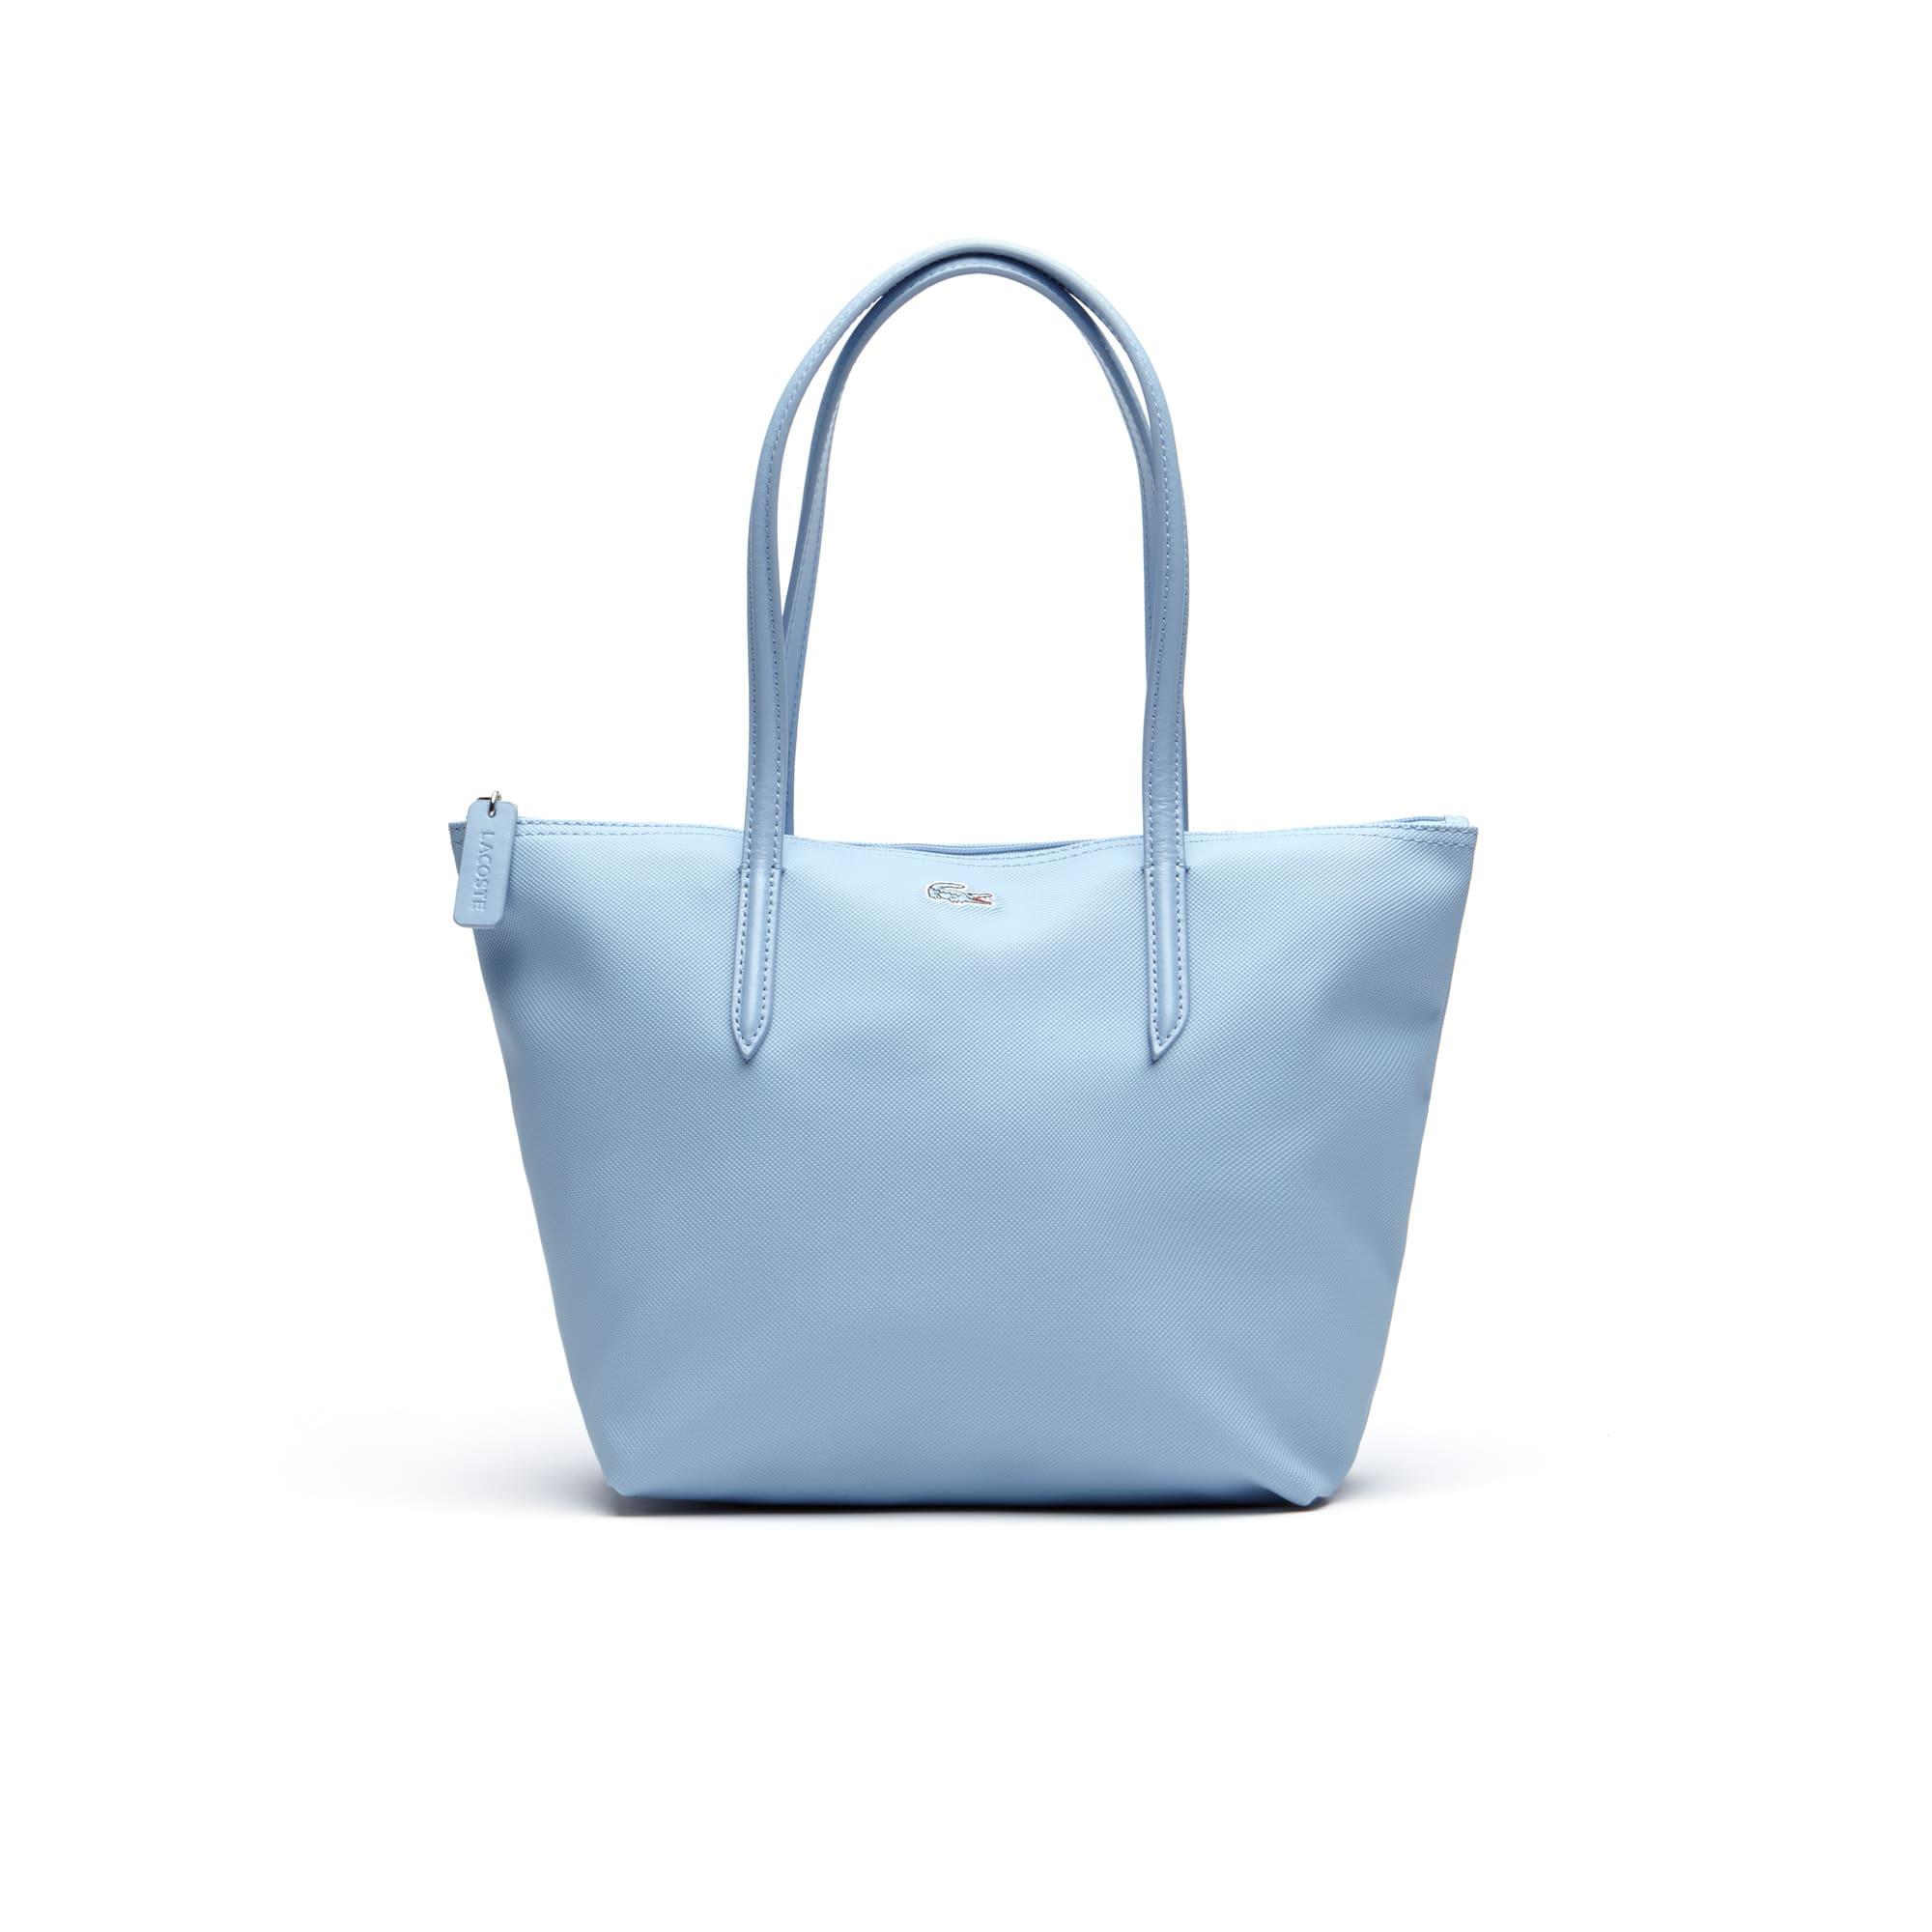 Bolso de mano de mujer pequeño con cremallera de la colección L.12.12 Concept